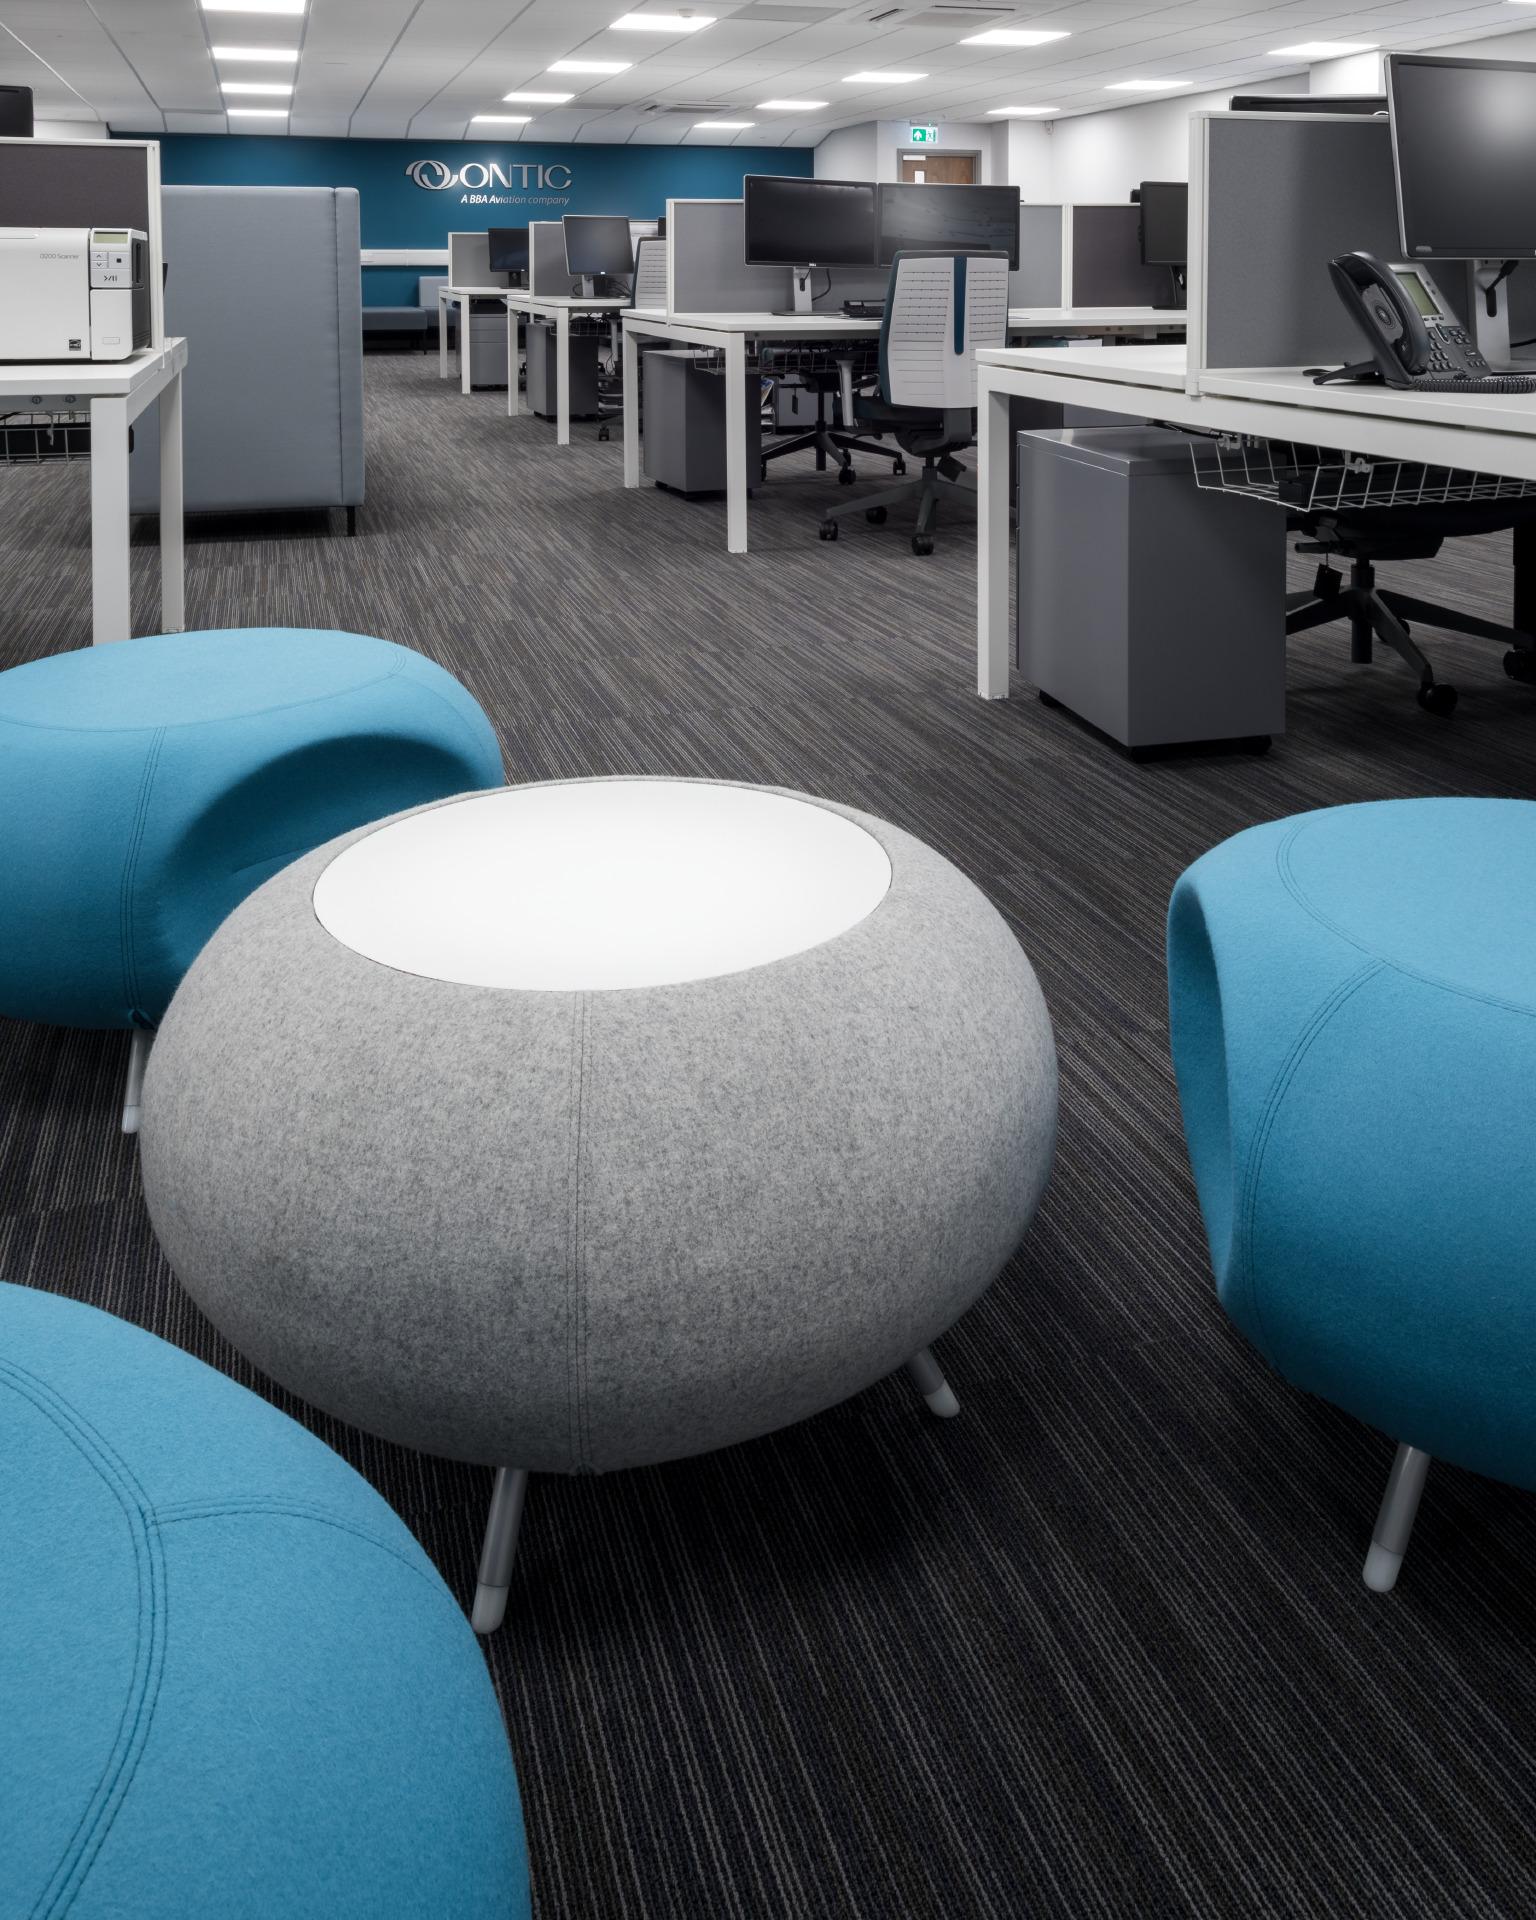 Ontic office stools.jpeg